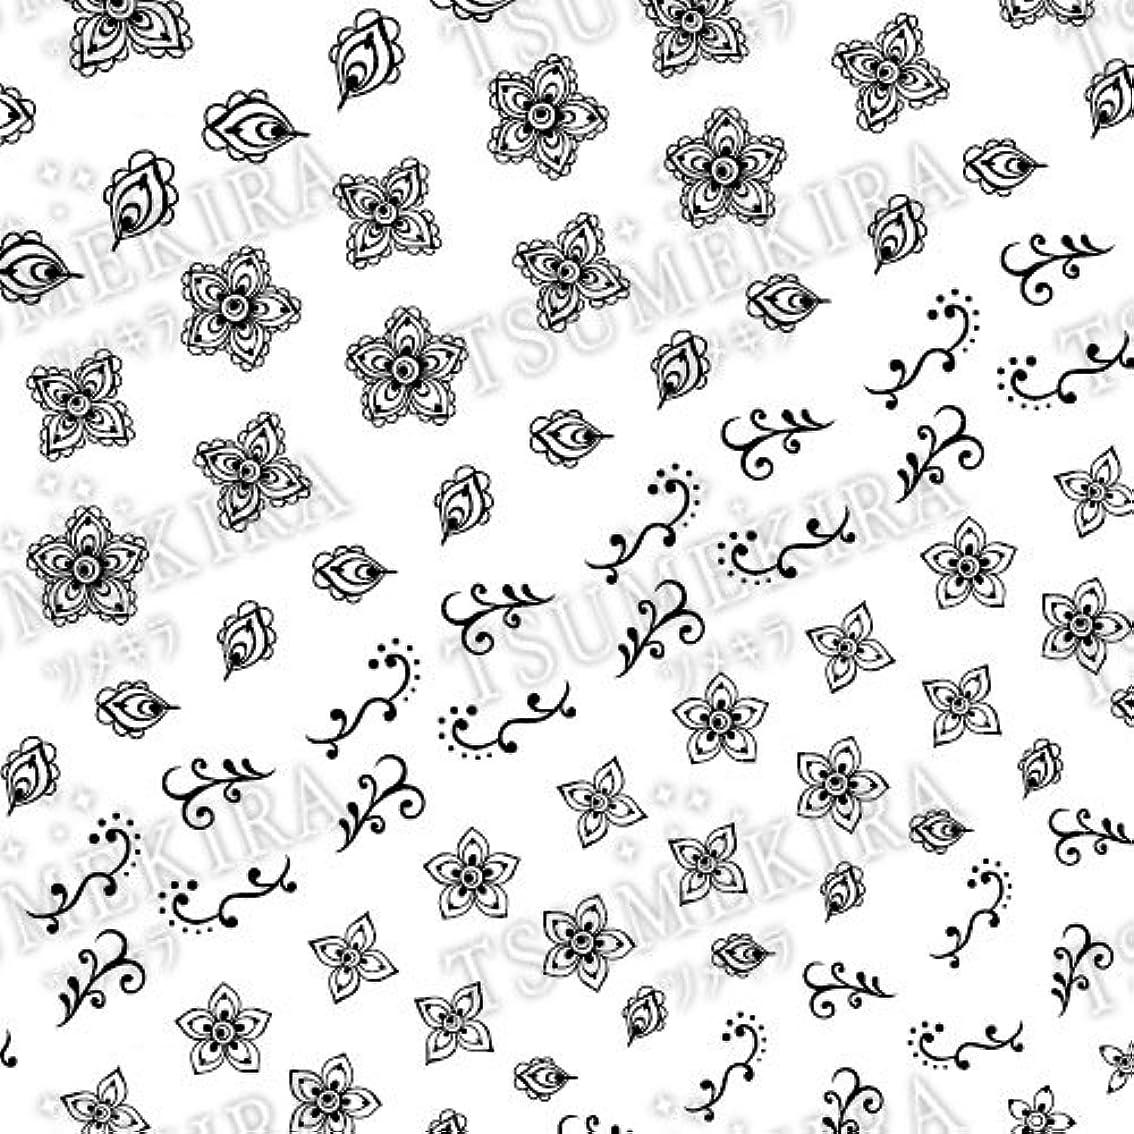 倫理プロポーショナル薬局ツメキラ ネイル用シール フラワースタイル メヘンディ2 ブラック